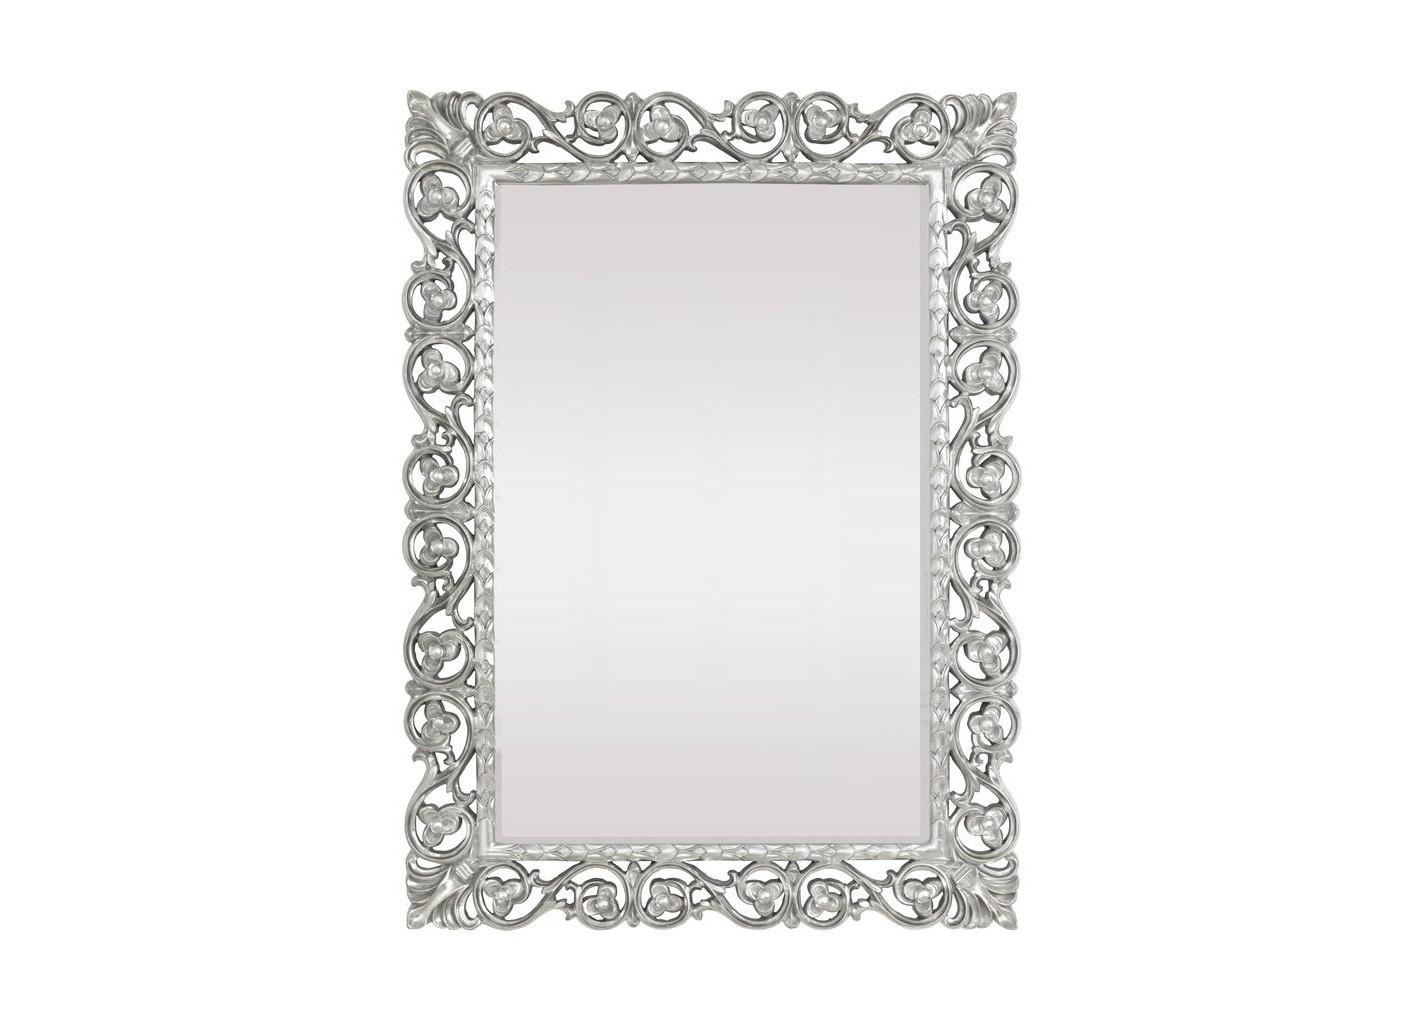 Зеркало БергамоНастенные зеркала<br>Интерьерное зеркало.&amp;lt;div&amp;gt;Крепления входят в стоимость.&amp;lt;/div&amp;gt;<br><br>Material: Пластик<br>Width см: 84<br>Depth см: 4,5<br>Height см: 115